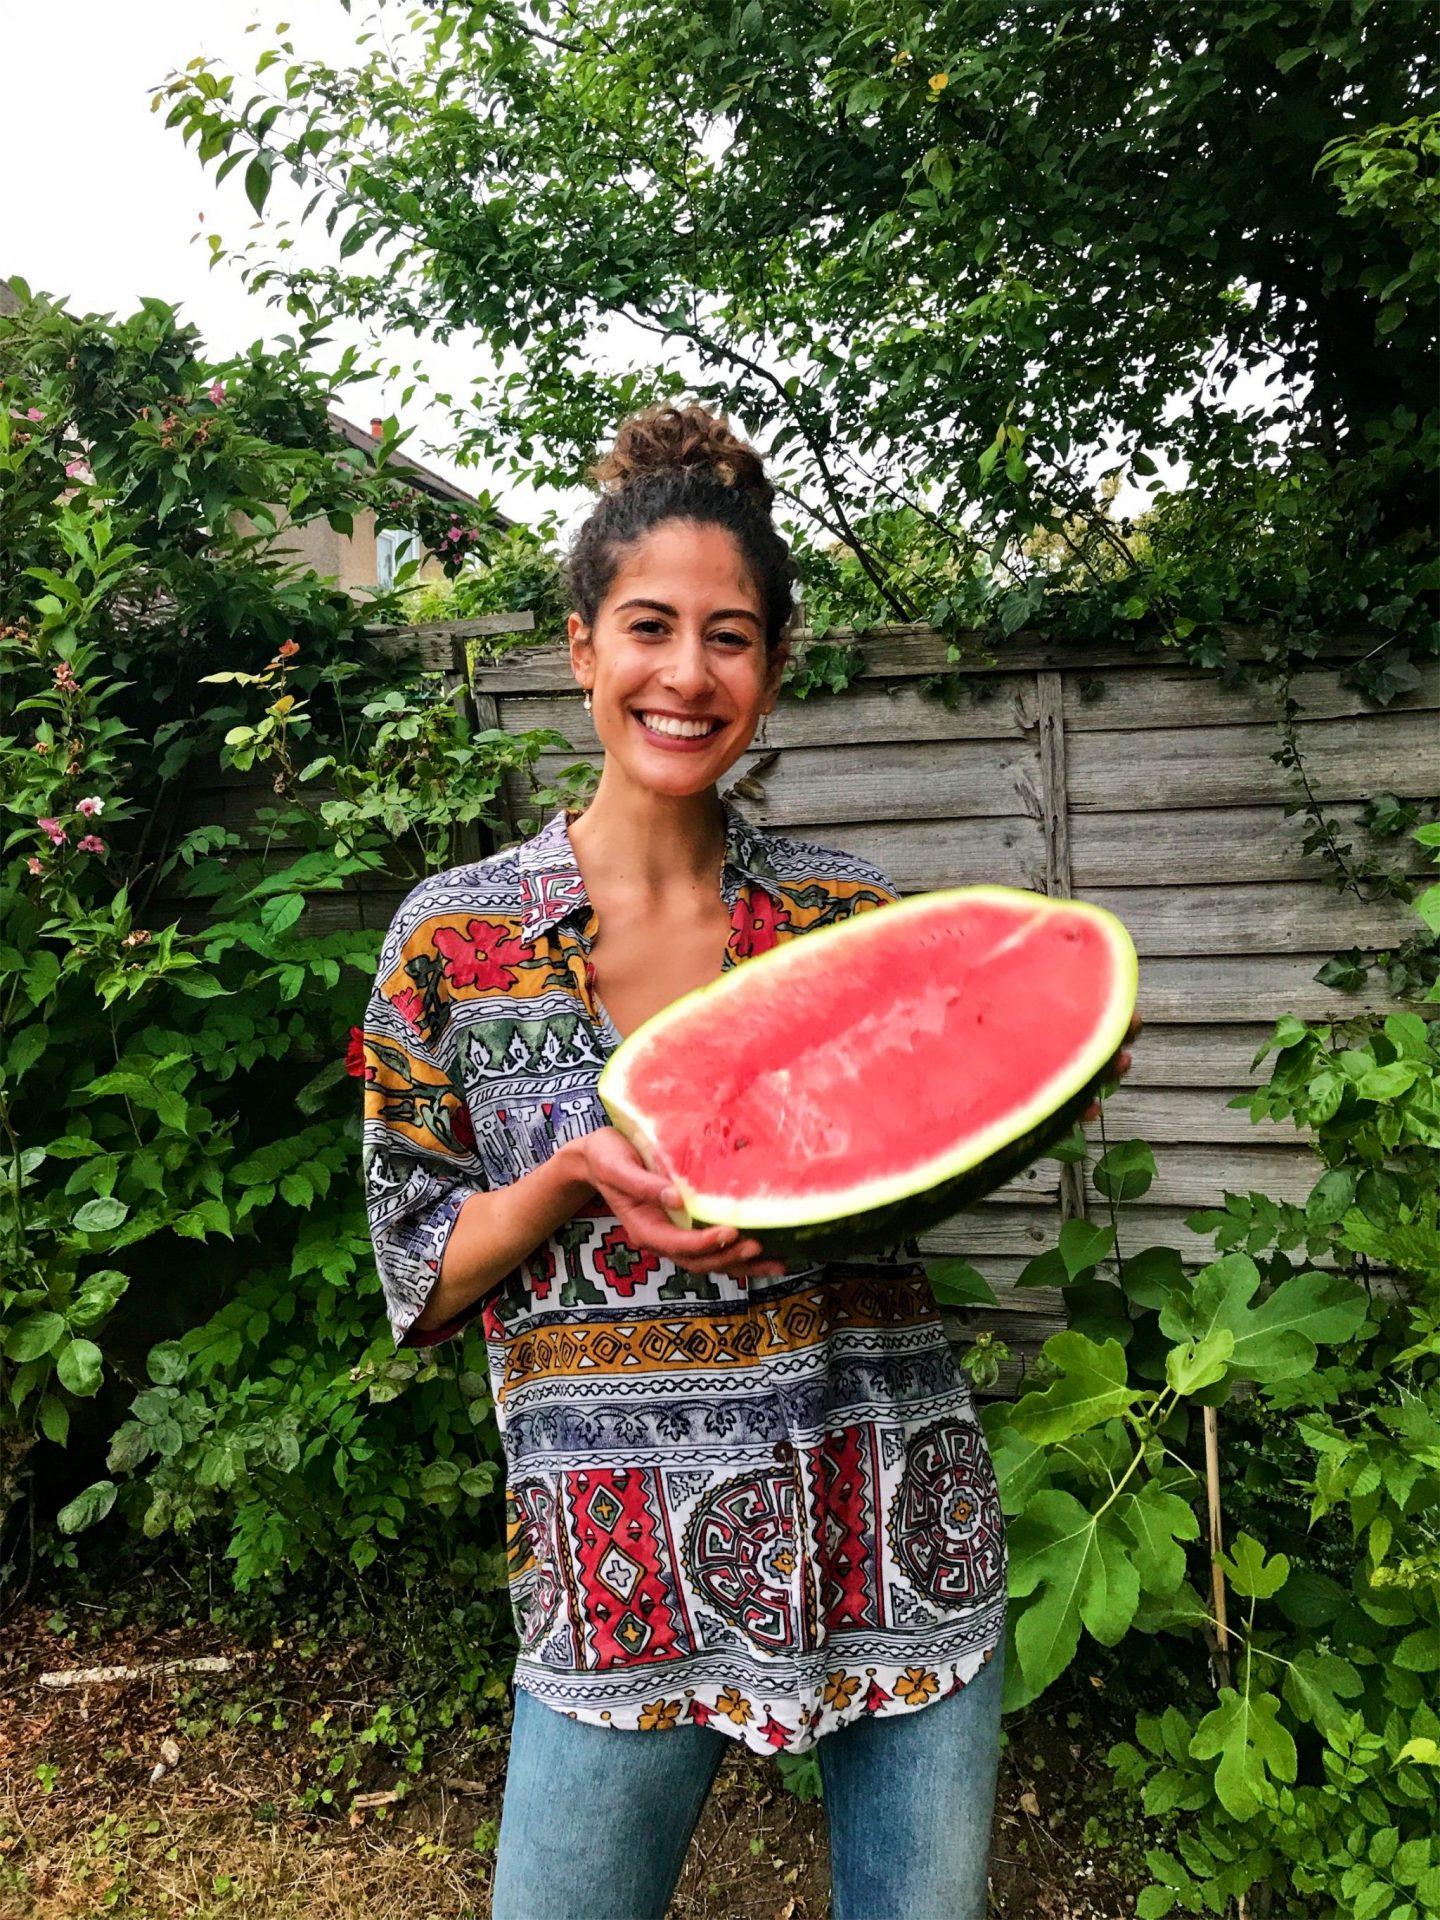 National Healthy Eating Week: 1 vegan tip + 1 vegan recipe every day this week!